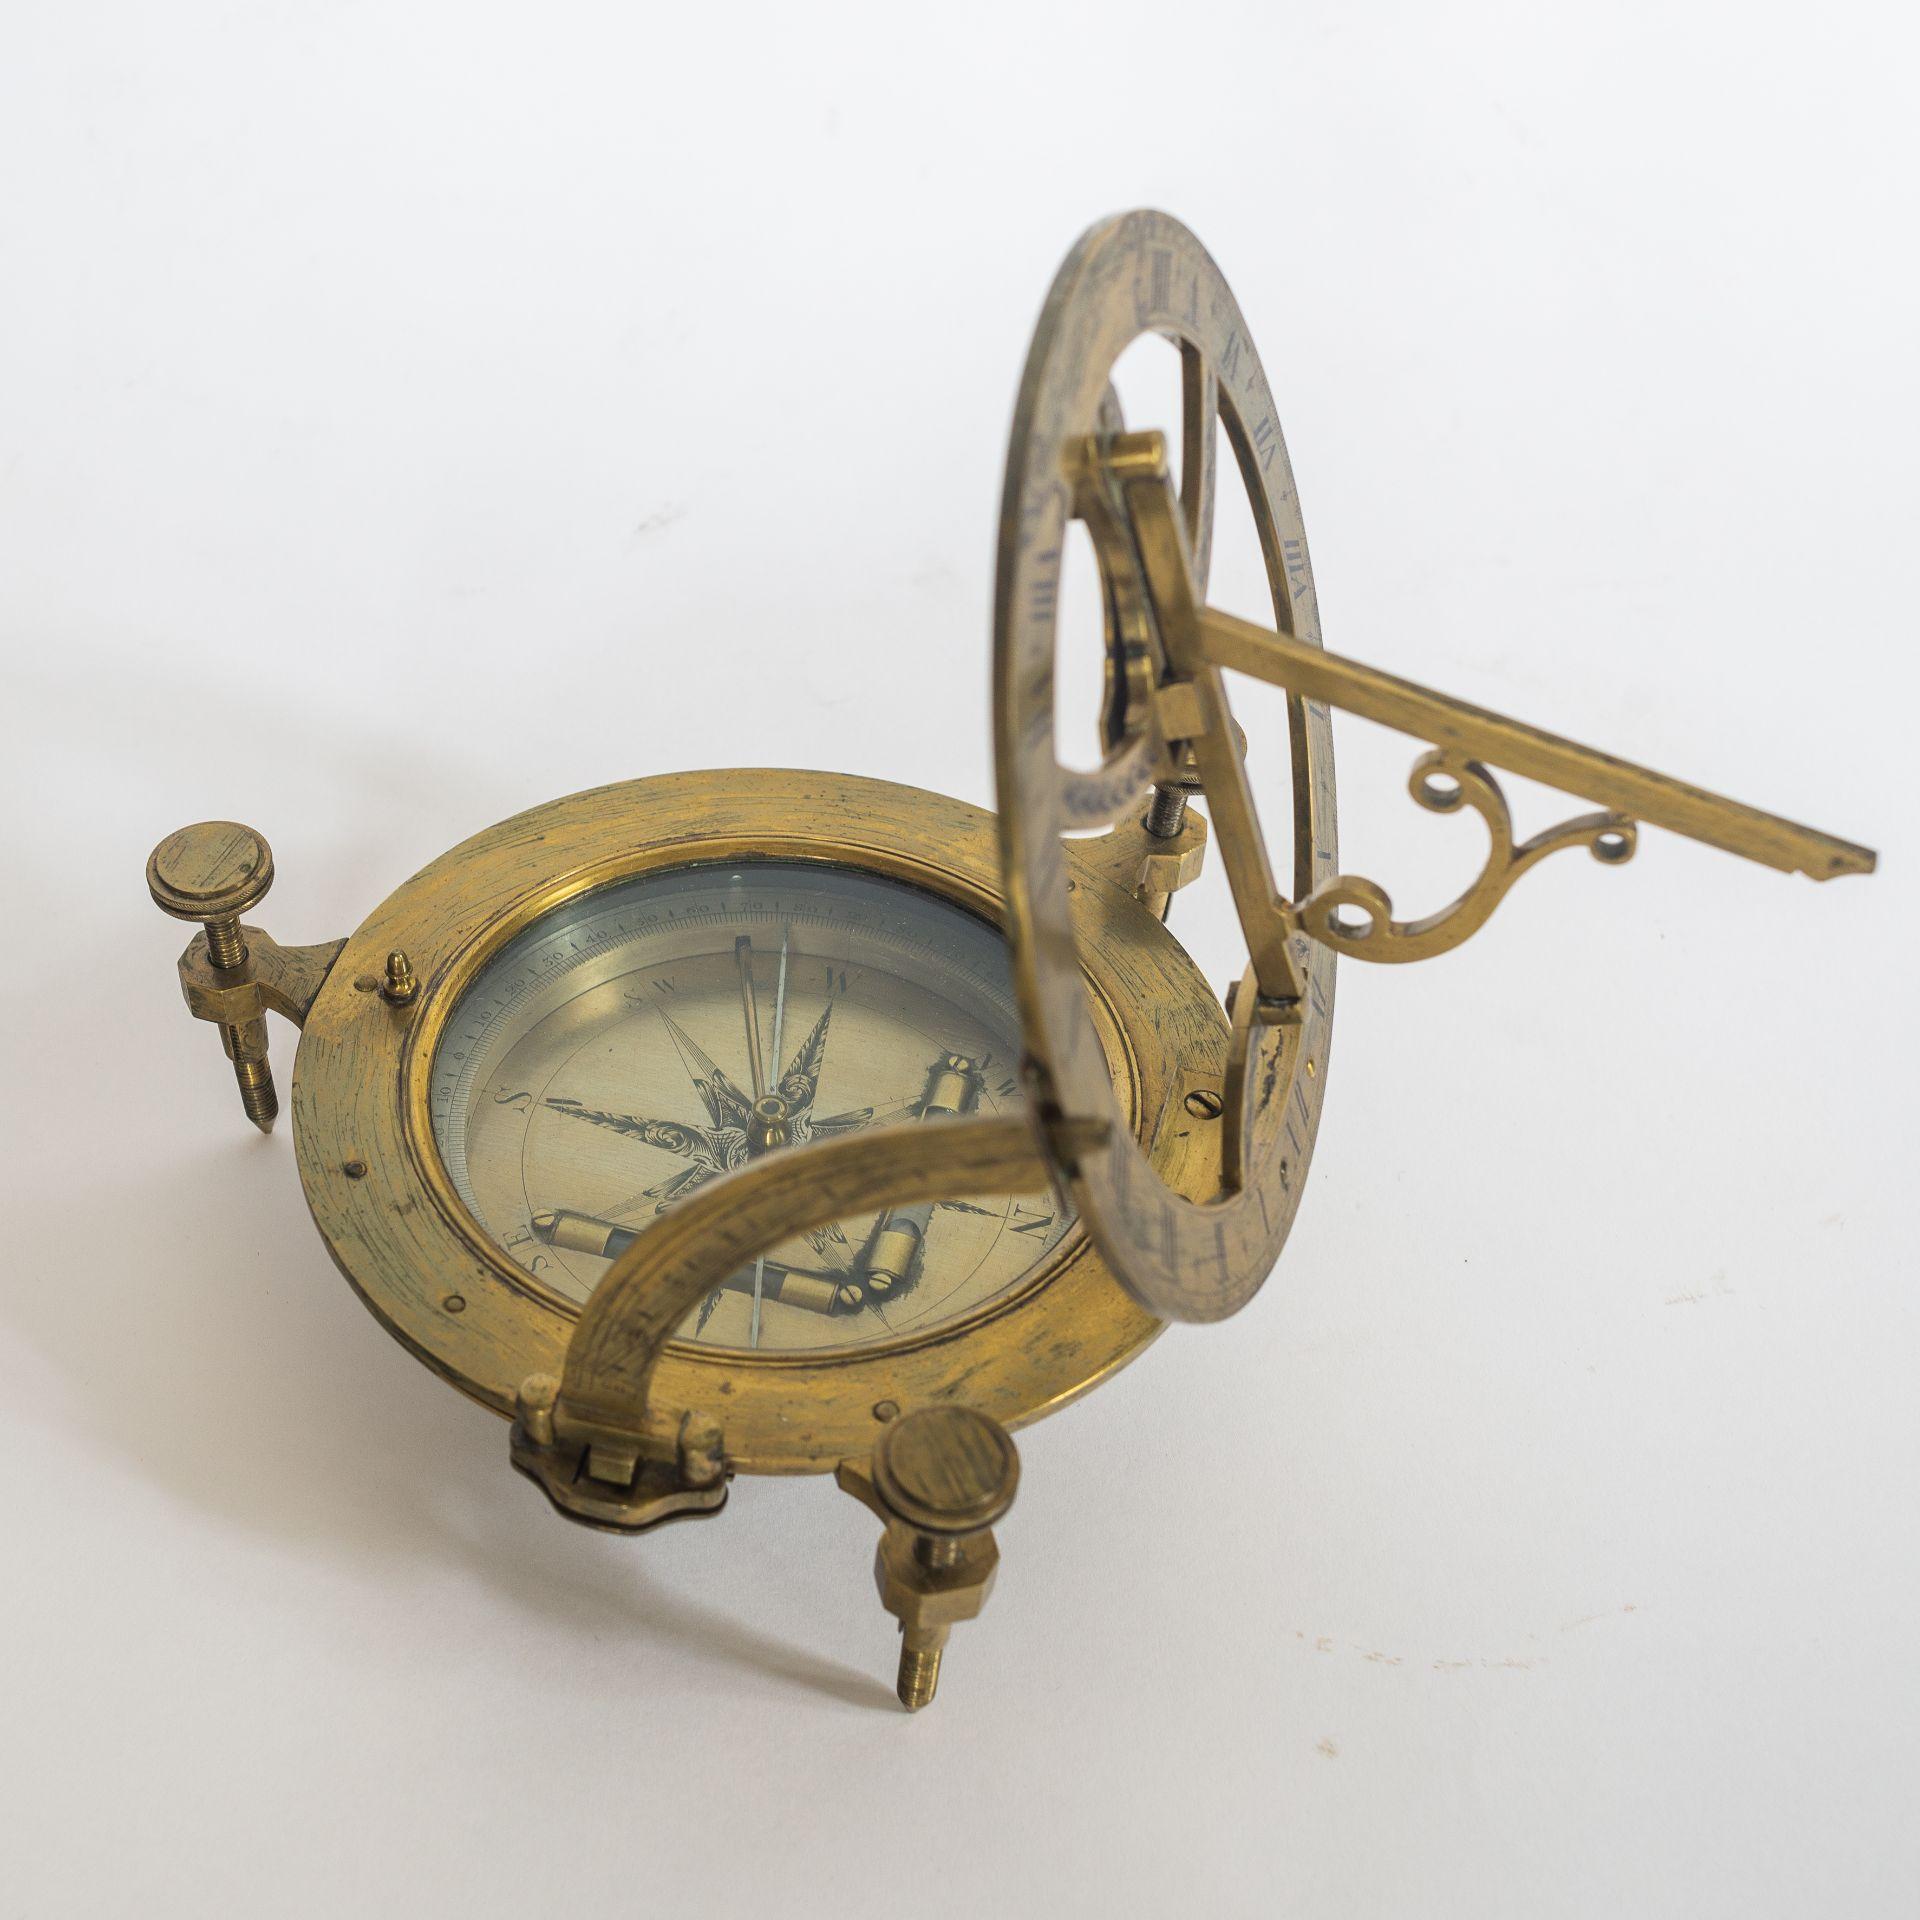 Large Fraser & Sons pocket sundial (18 cm)